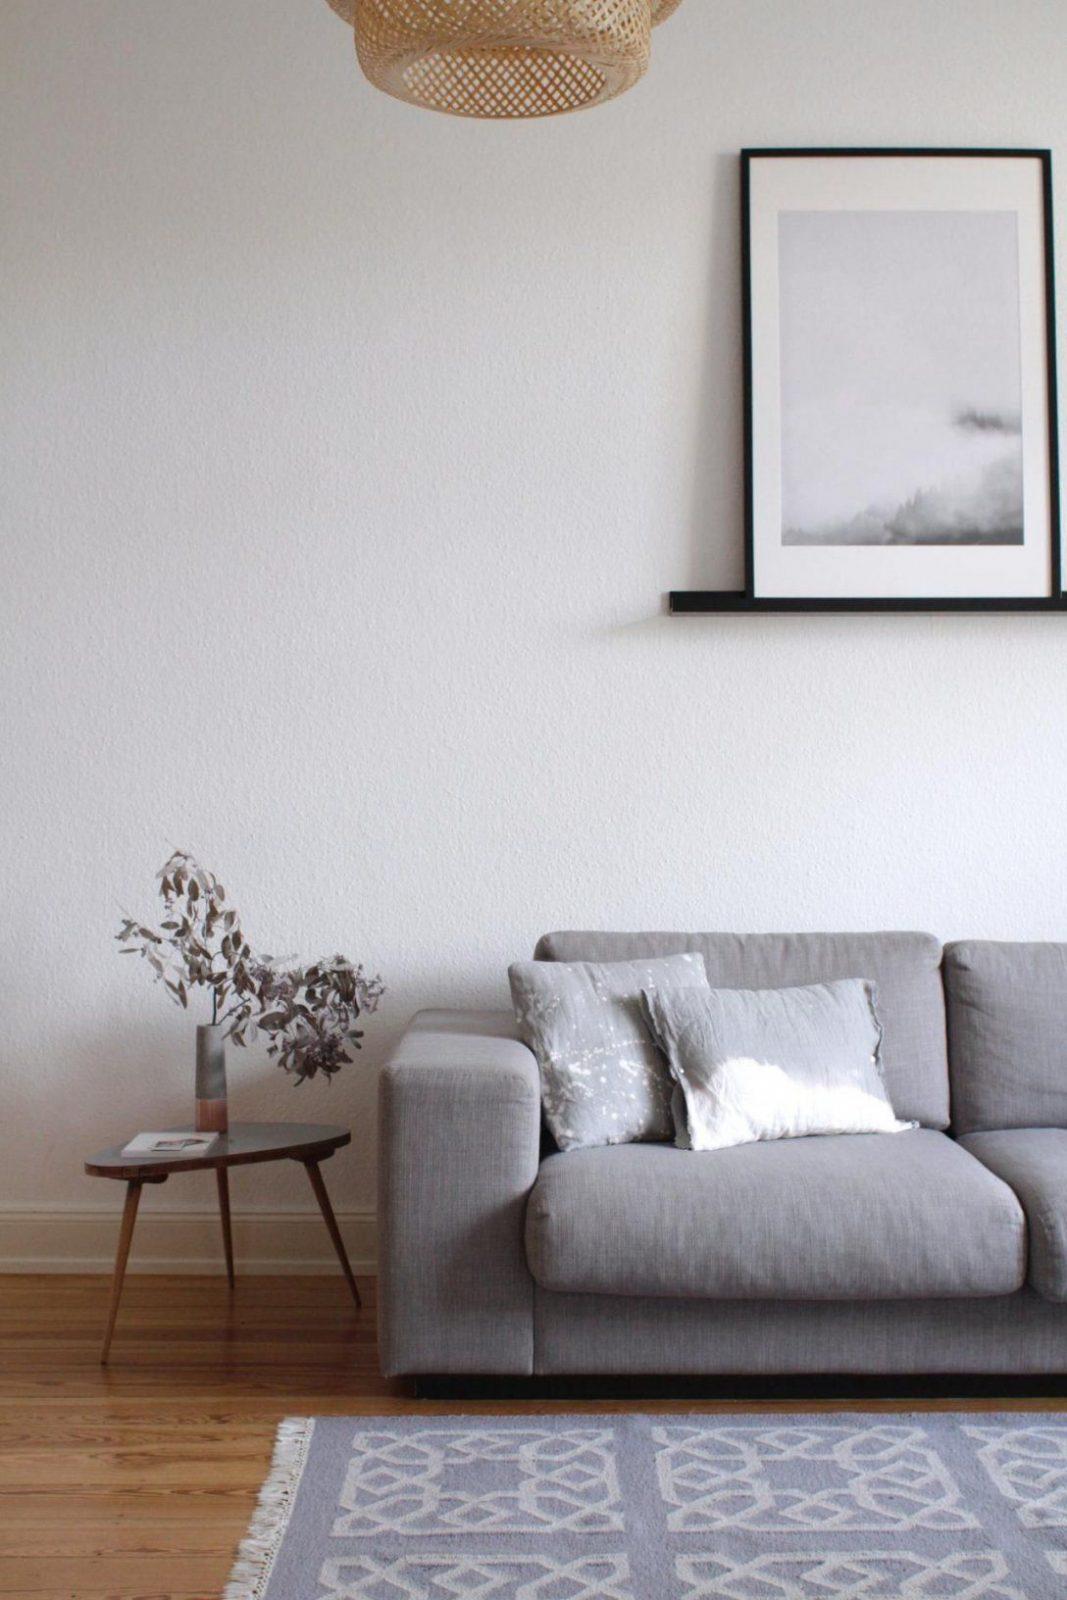 Diysofakissen Mit Stylischem Stoffdesign  Selber Machen Stoffe von Günstige Einrichtungsideen Zum Selbermachen Bild